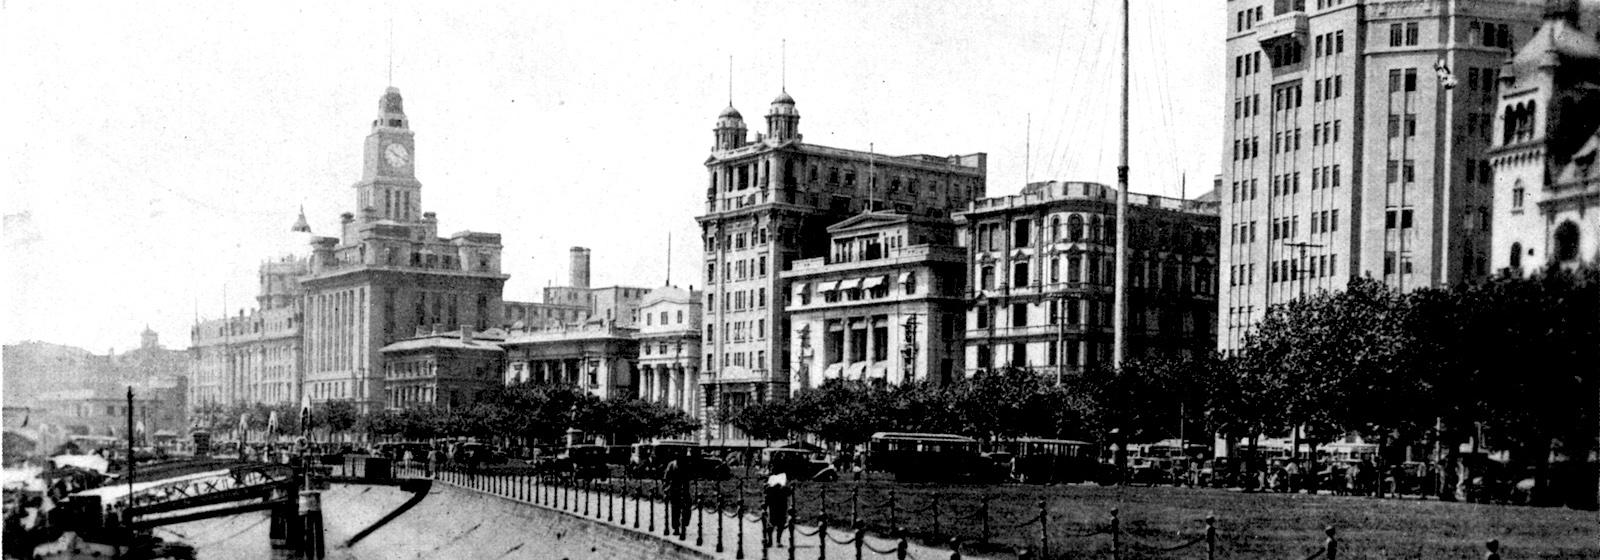 Дом сэра Виктора Сассуна — отель, офис и пентхаус с видом на Банд